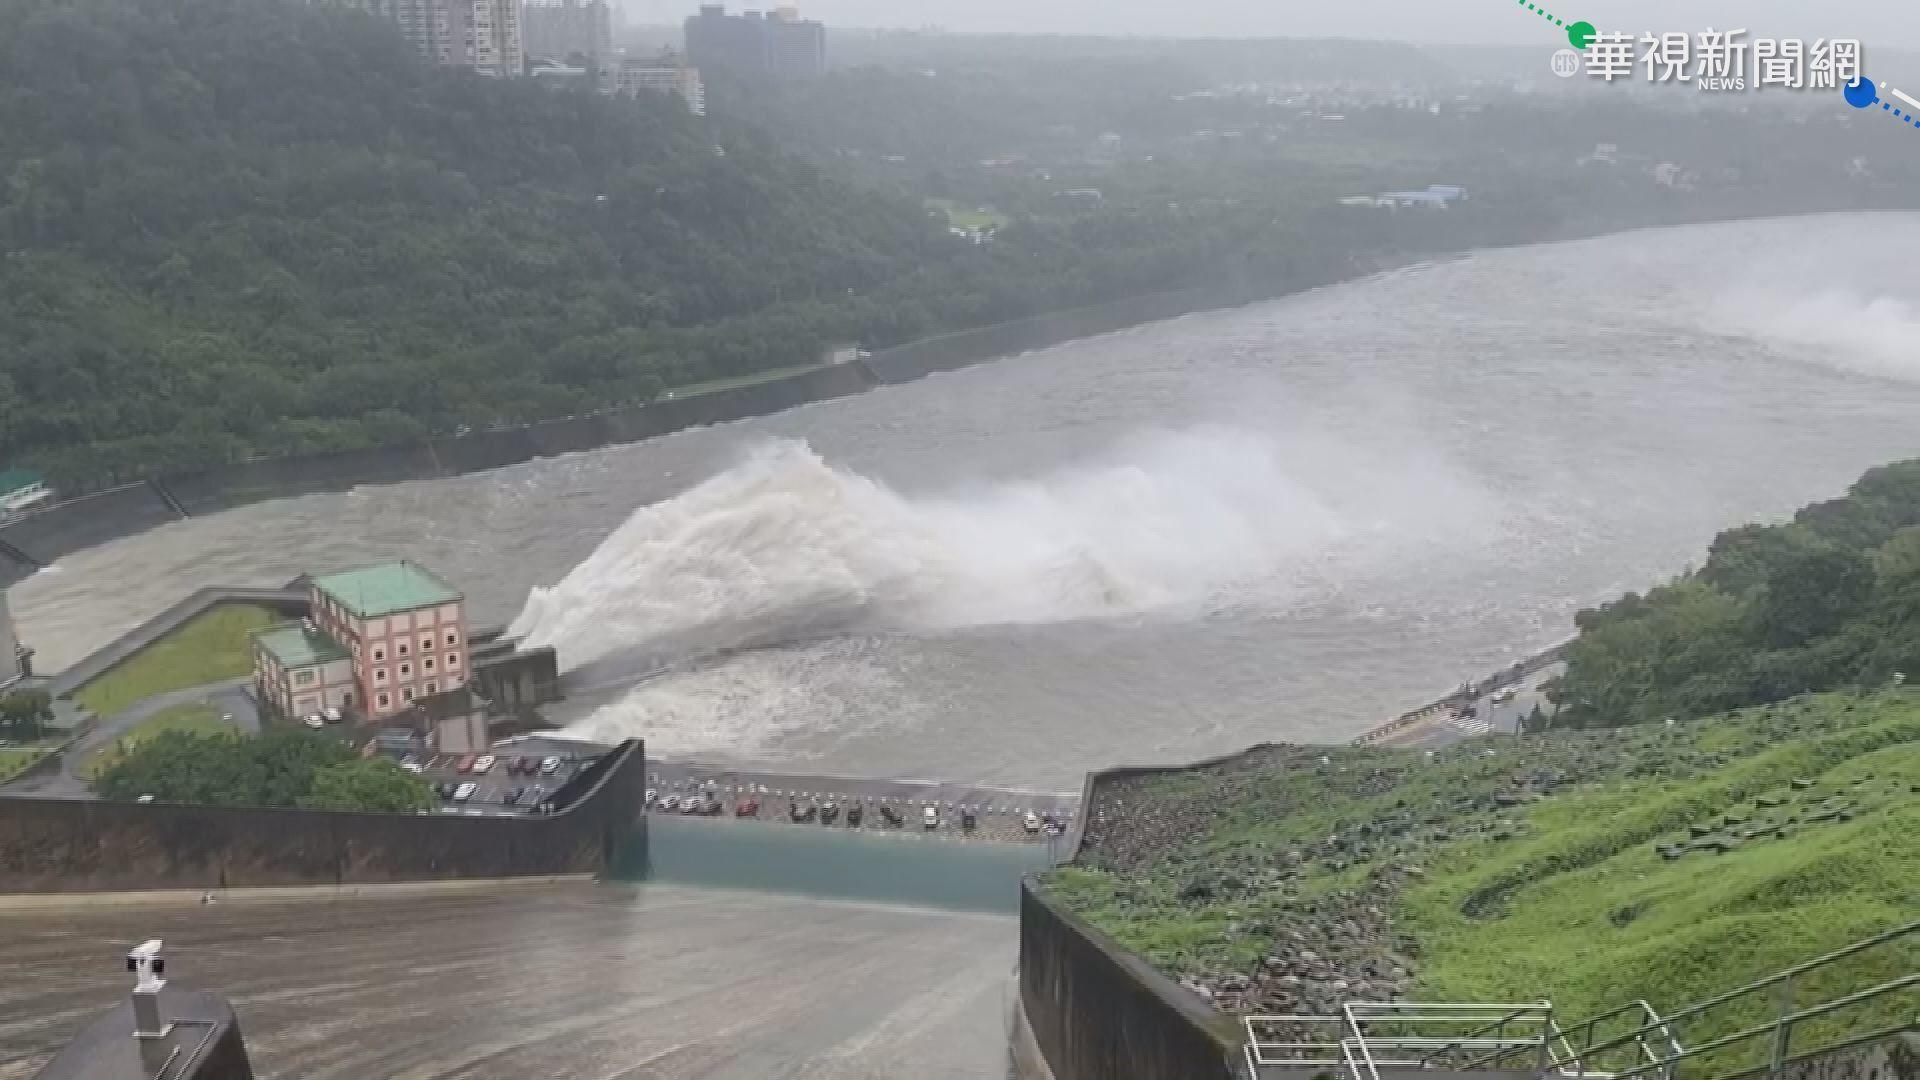 盧碧變熱低挾豐沛雨量 石門水庫洩洪